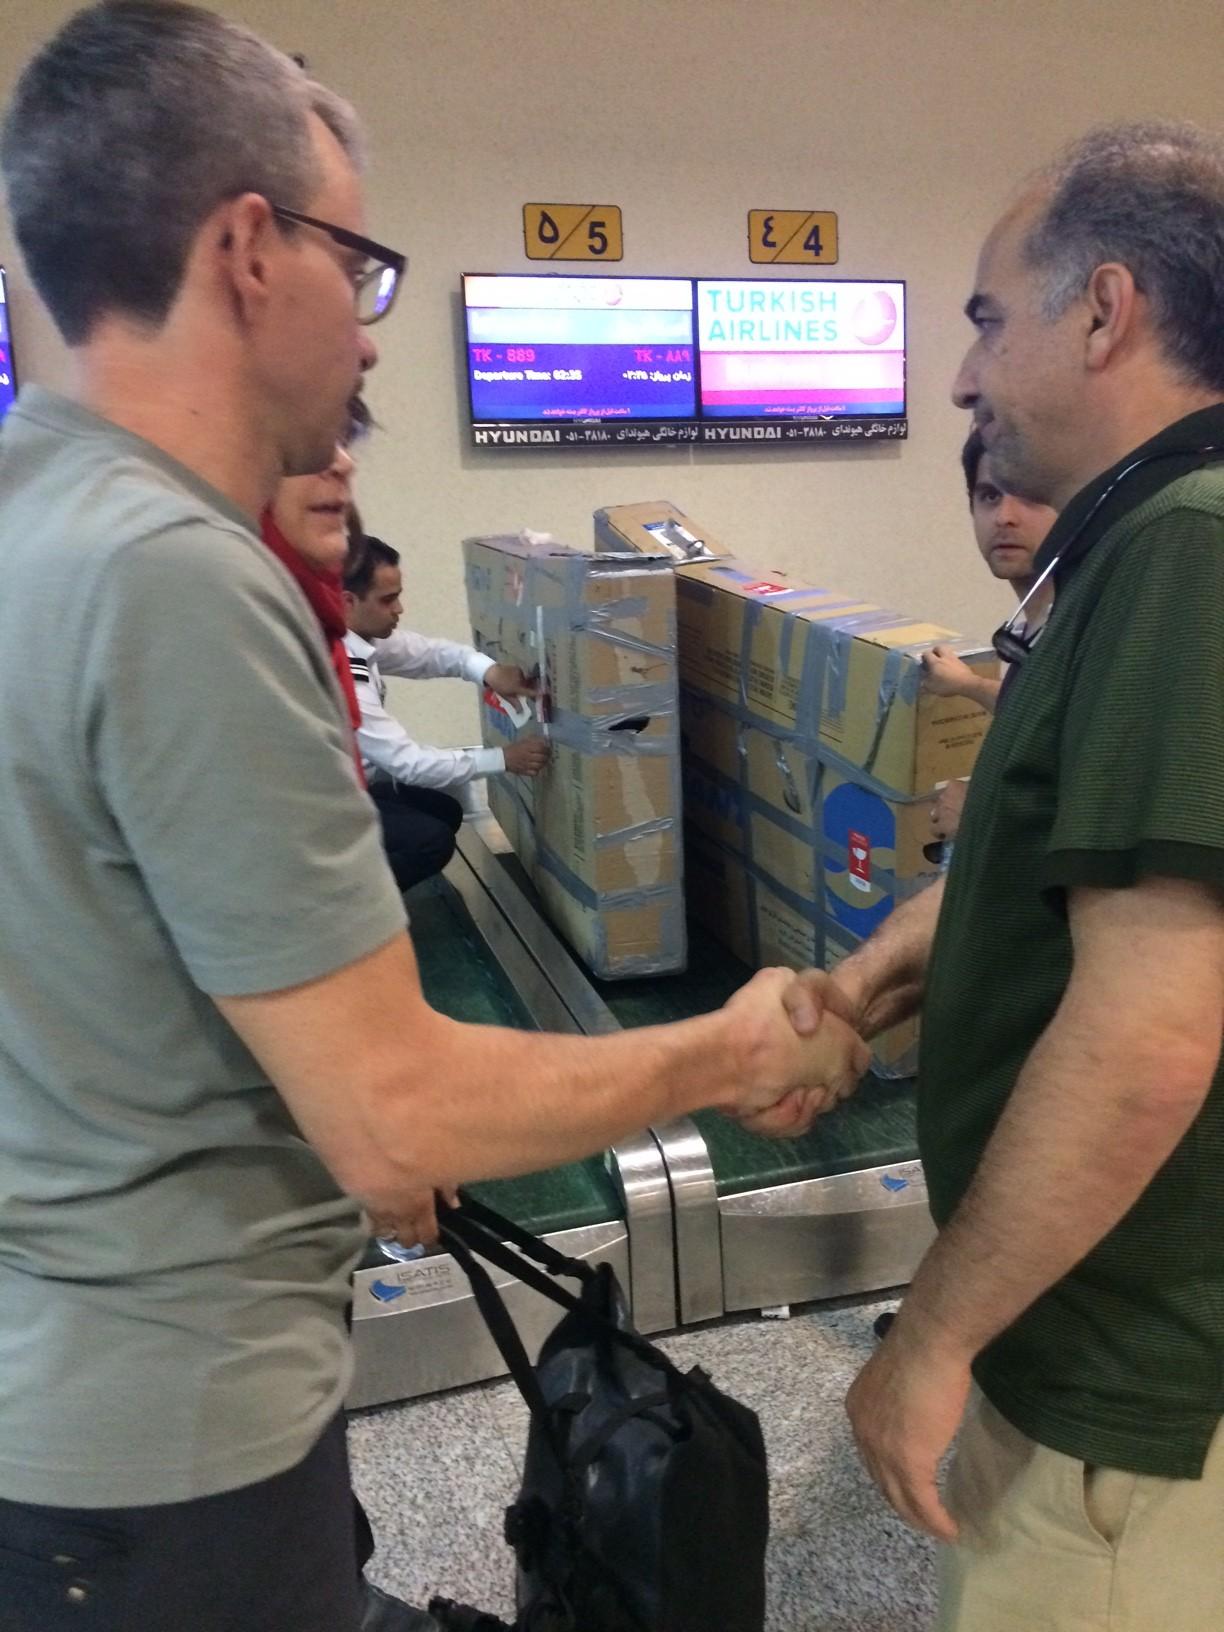 Am Ende schafften wir es nur knapp dank der Hilfe unserer iranischen Familie, die alles in Bewegung setzte. Schließlich der Handschlag: geschafft! Jetzt erstmal Urlaub!